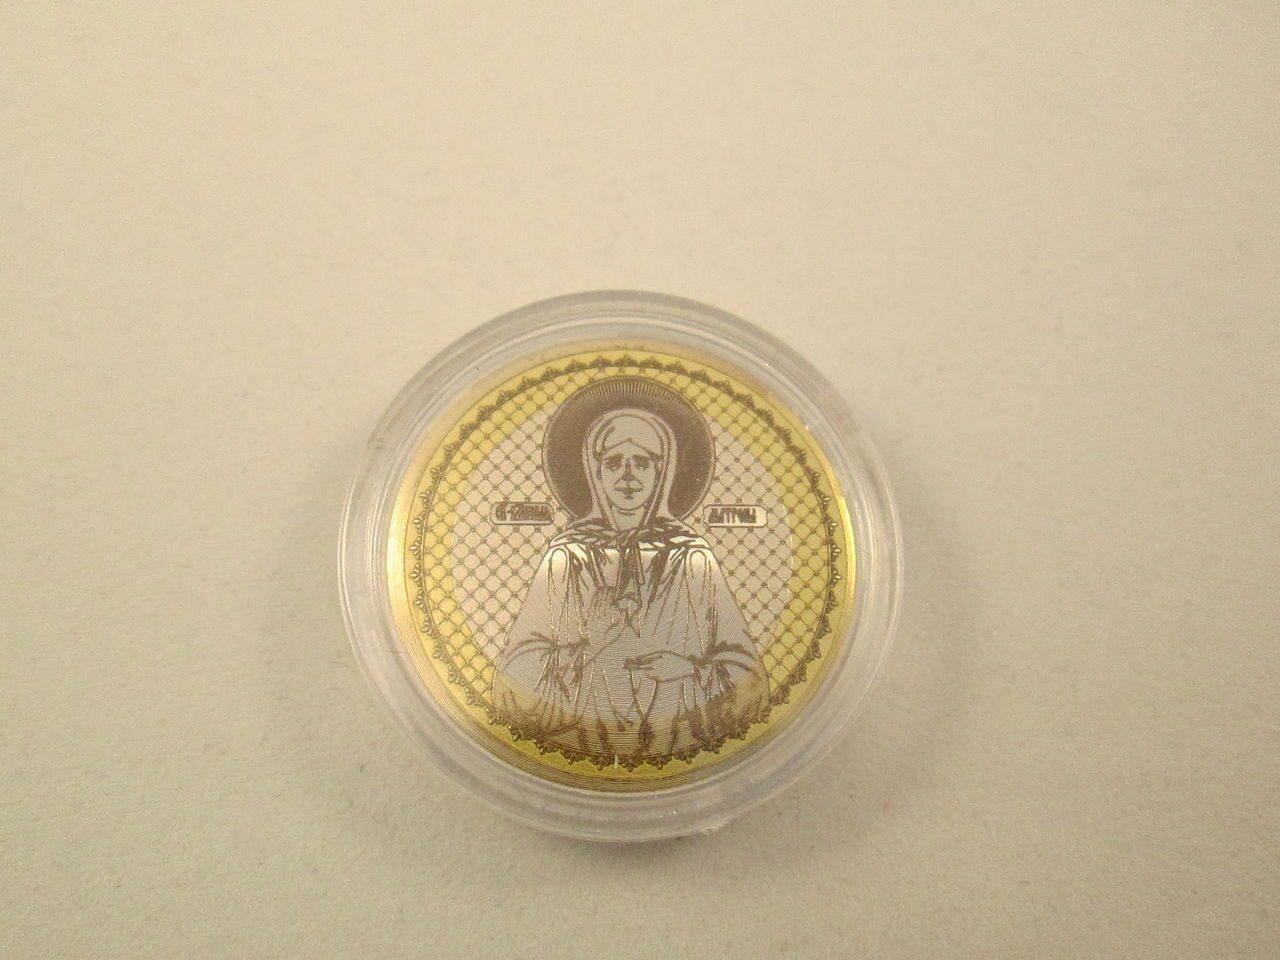 Серебряная монета с изображением матроны коньяк екатерининский отзывы